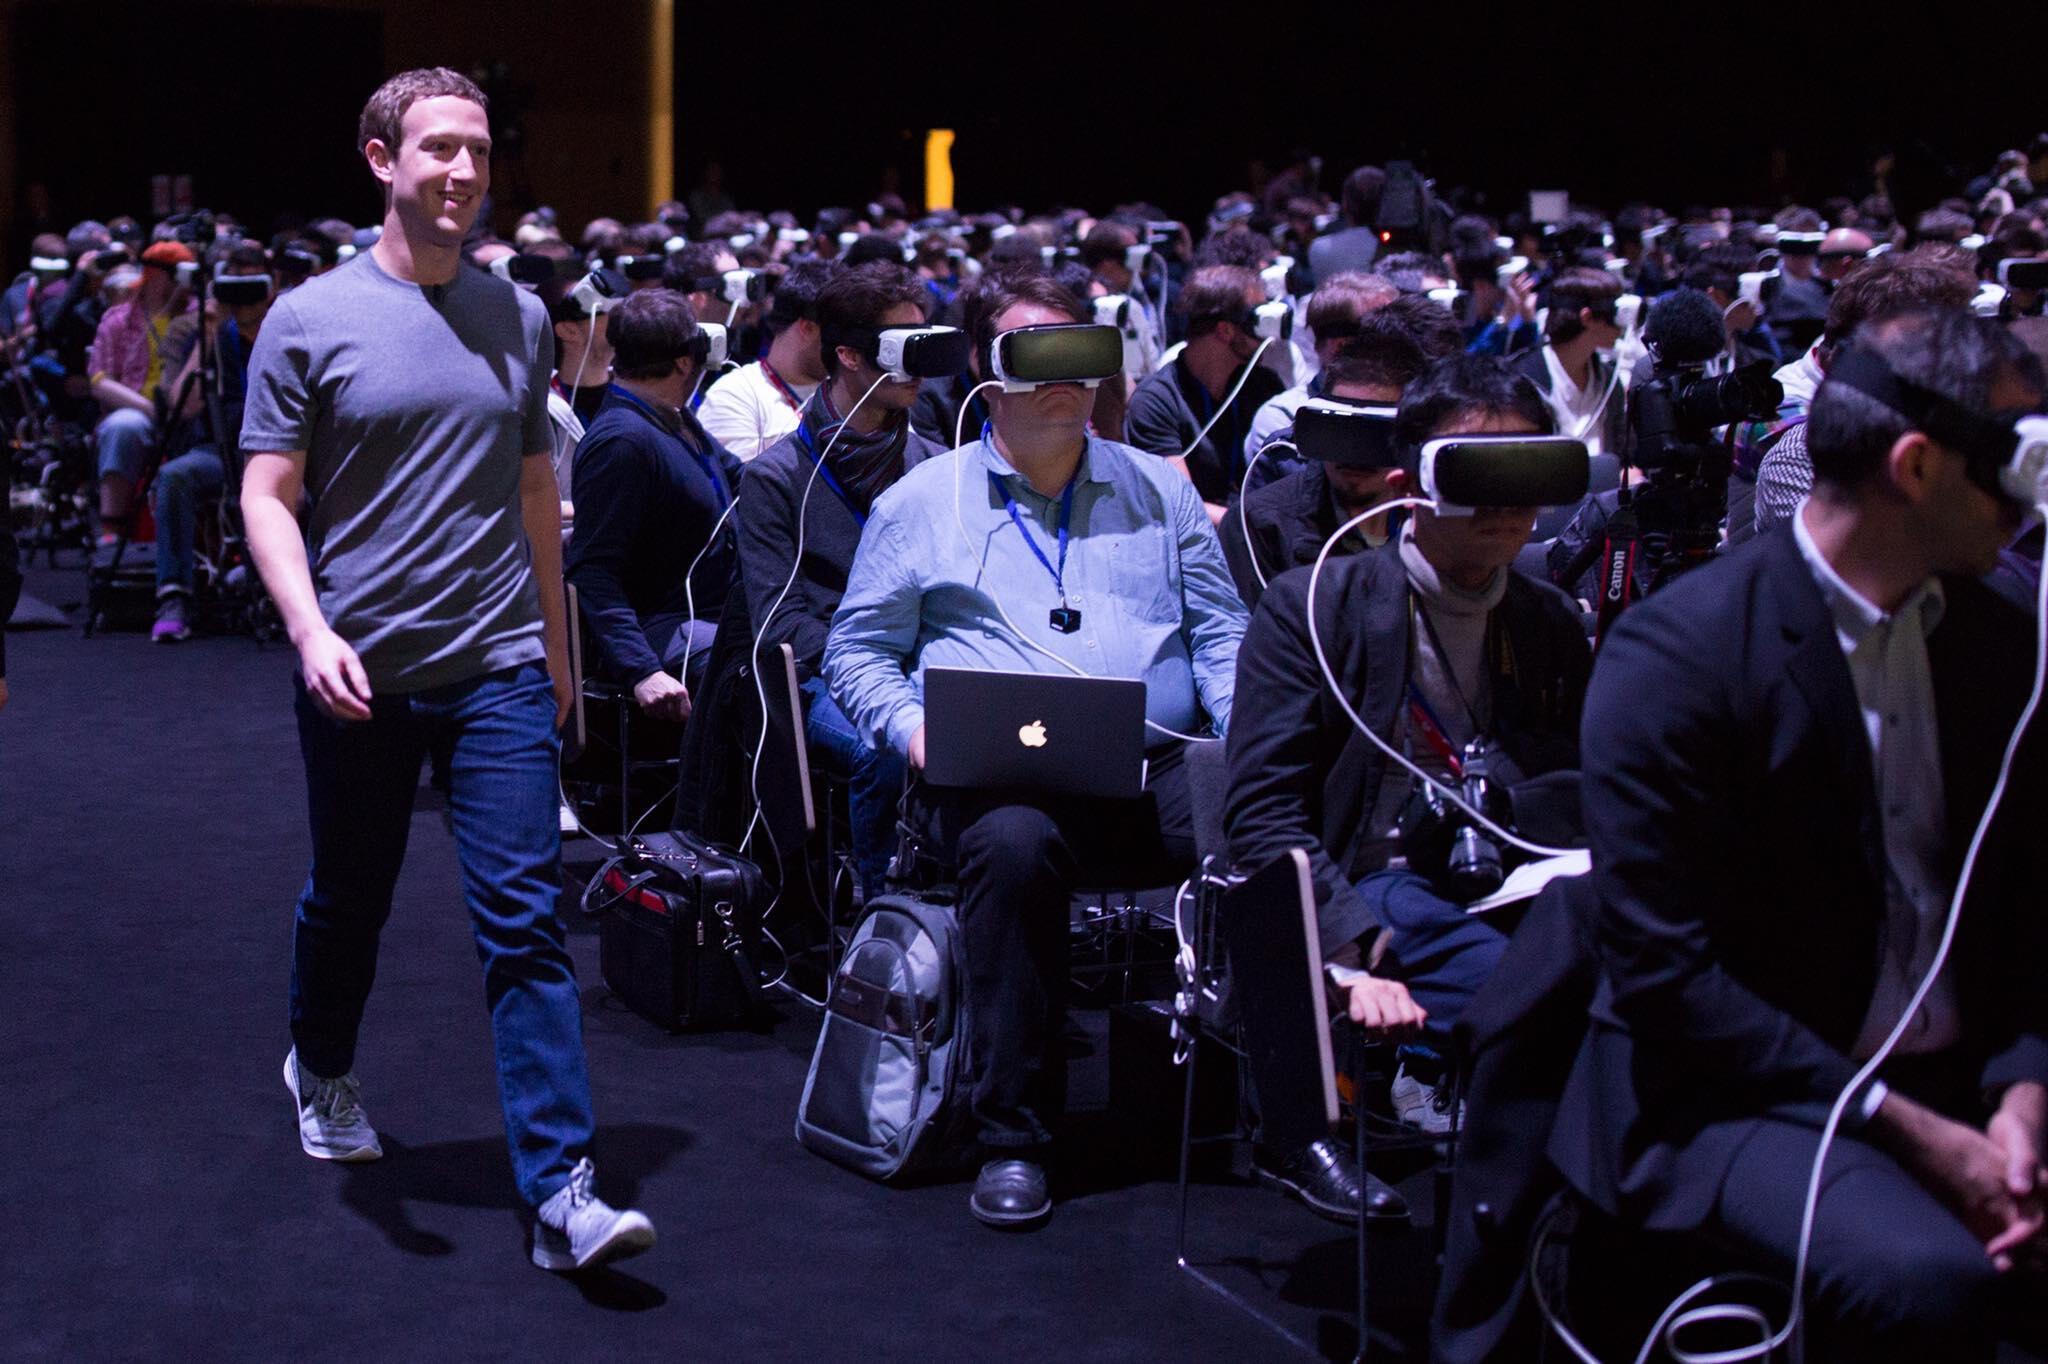 Mark Zuckerberg faz entrada surpresa no Mobile World Congress